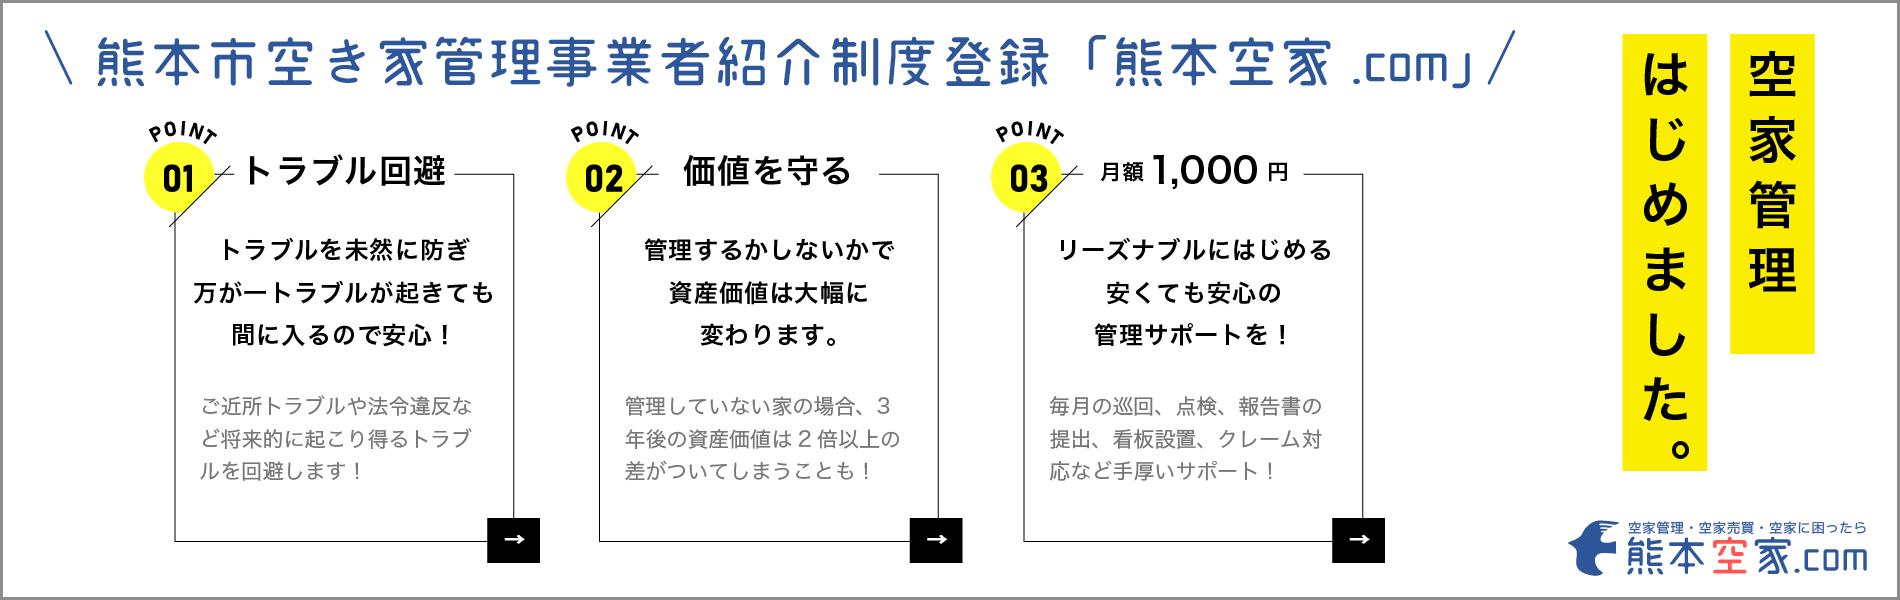 熊本の空き家管理なら熊本市認定空家管理業者加盟「熊本空家.com」にお任せください!